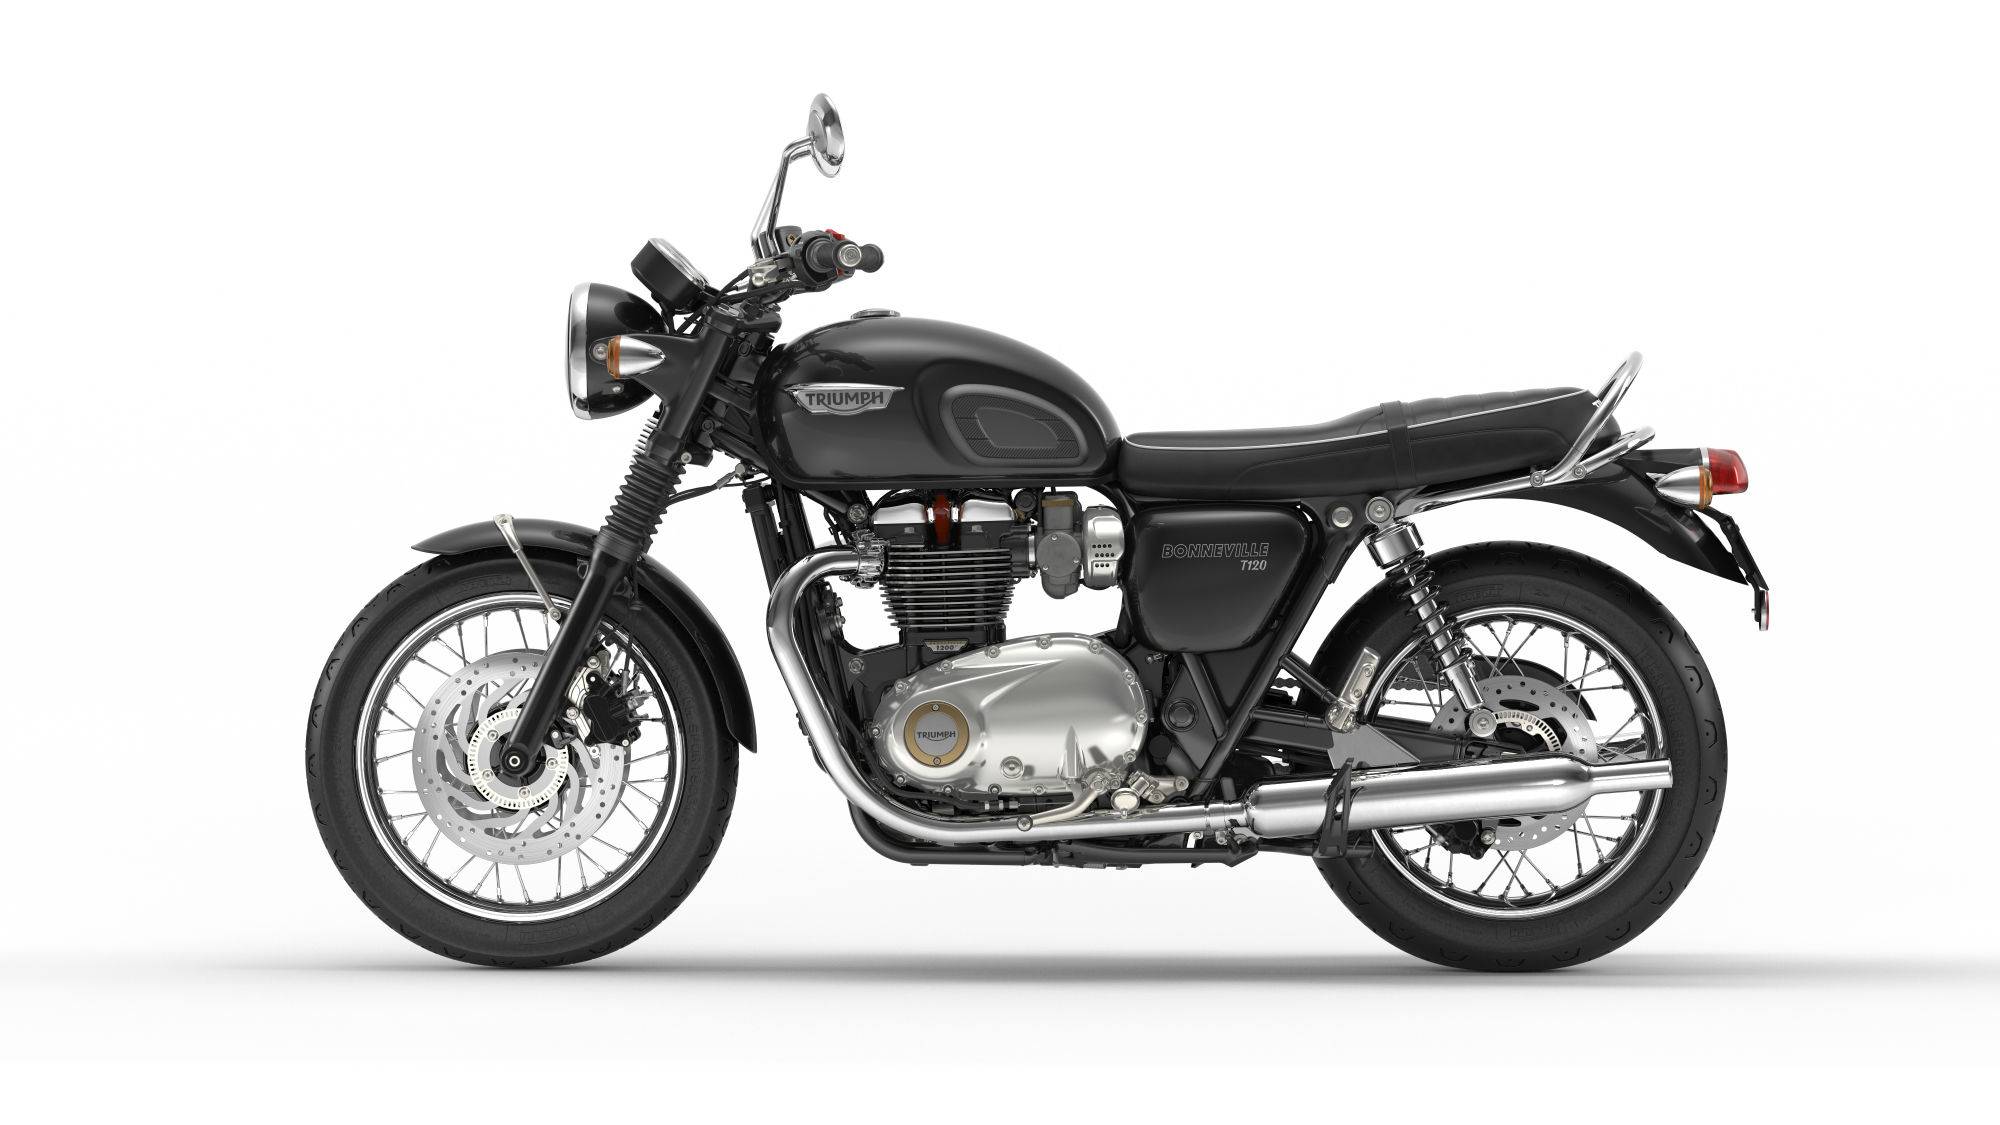 First ride: Triumph Bonneville T120 review